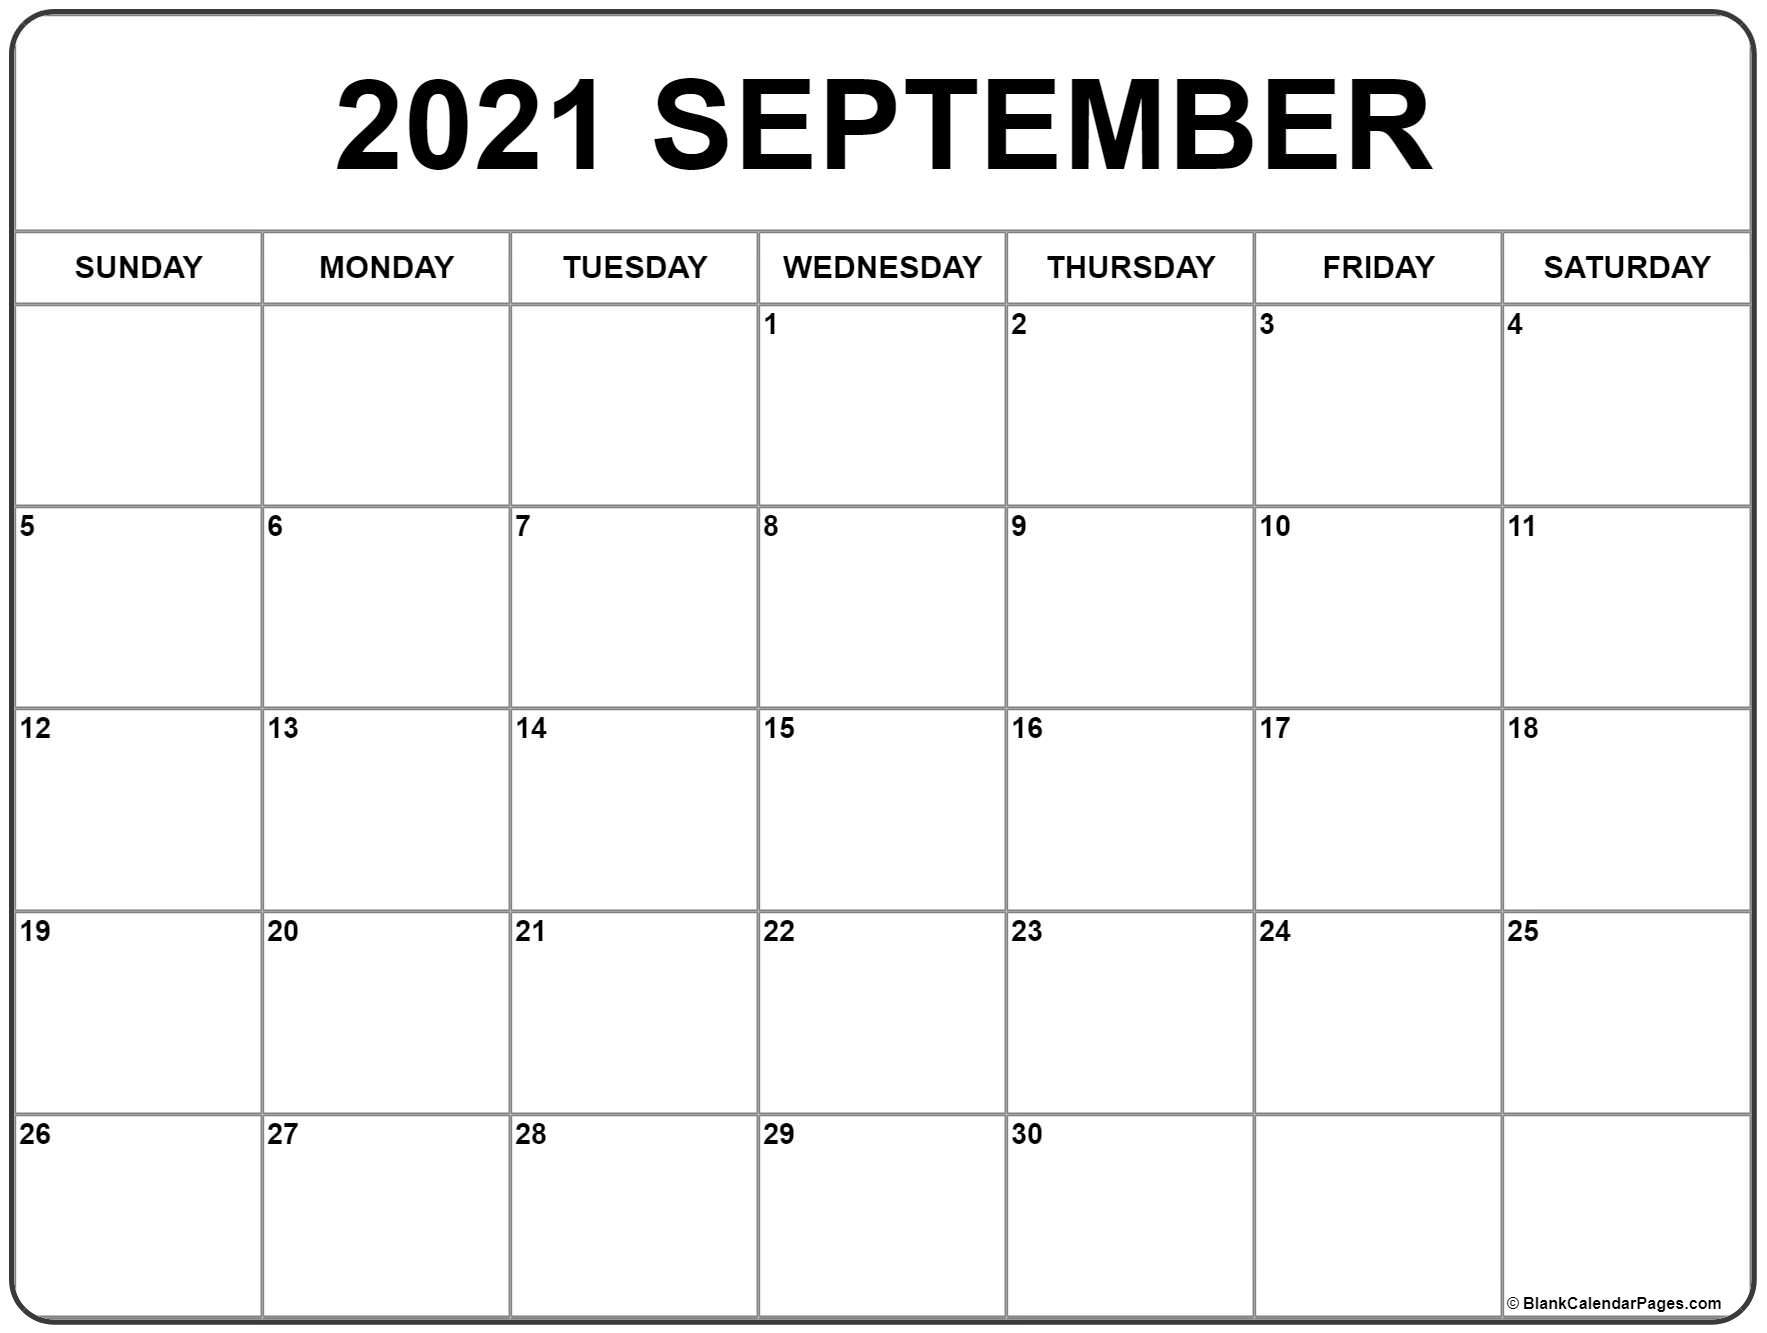 Take August September Calendar 2021